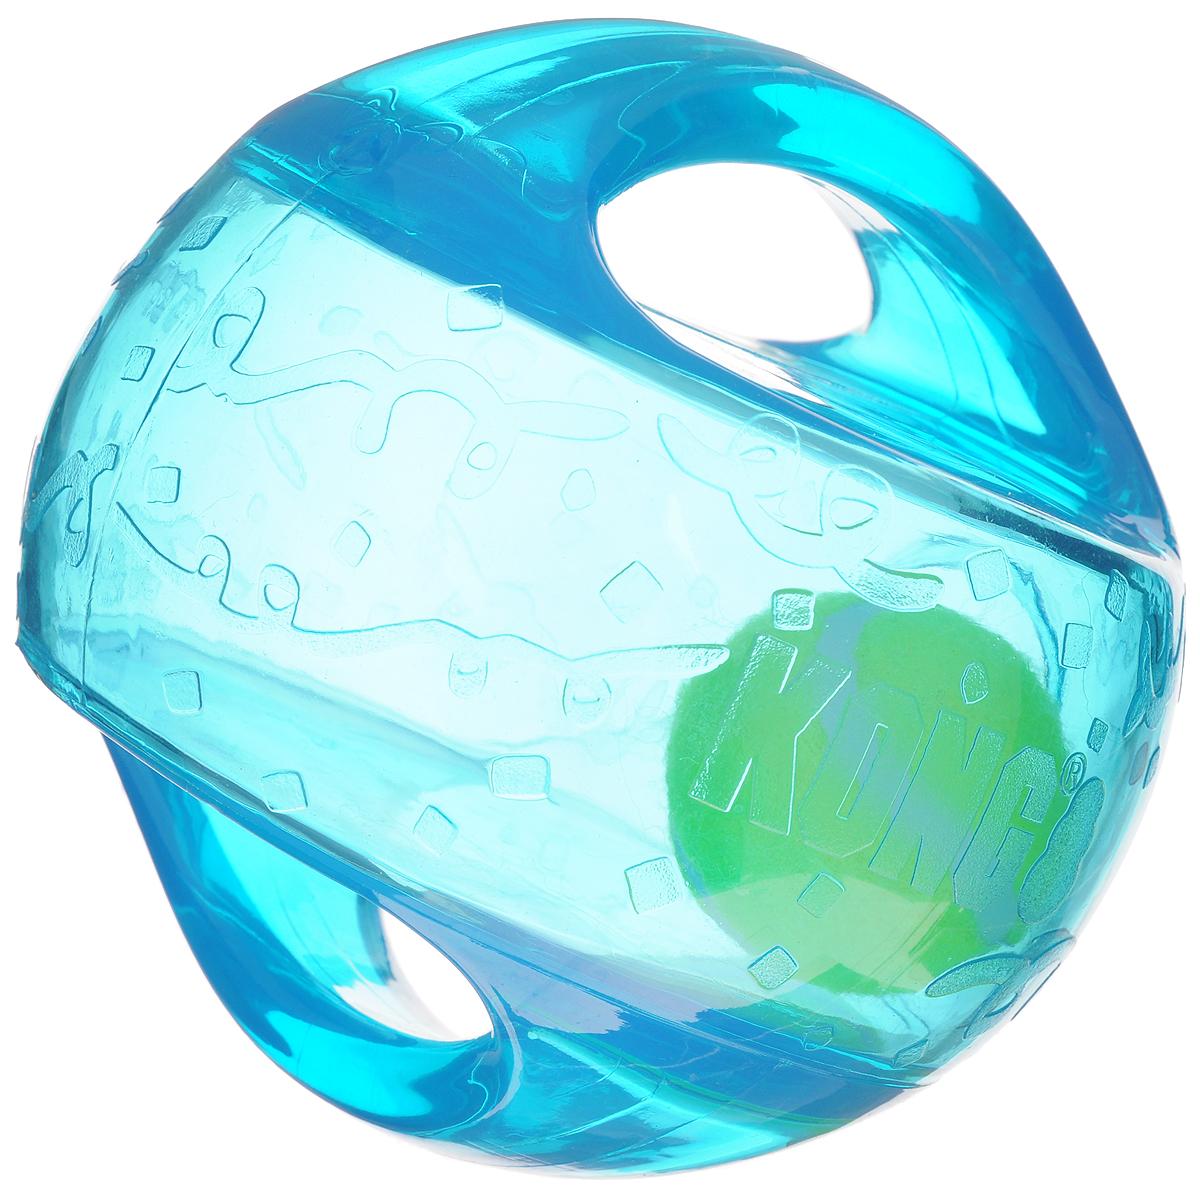 Игрушка для собак Kong Мячик L/XL, с пищалкой, цвет: прозрачный, бирюзовый, 18 х 18 х 18 смTMB1EИгрушка для собак Kong Мячик L/XL, выполненная из высококачественного каучука, представляет собой мяч 2 в 1. Теннисный мяч, расположенный внутри, гремит и будет привлекать внимание вашего питомца, побуждая достать его. Просто потрясите игрушку. Удобные ручки служат для поднятия. Также изделие оснащено пищалкой. С такой игрушкой вы сможете играть в захватывающие и активные игры с вашей собакой. Она прекрасно подходит для животных крупного размера, с сильными челюстями и для использования в качестве дрессировочного предмета.